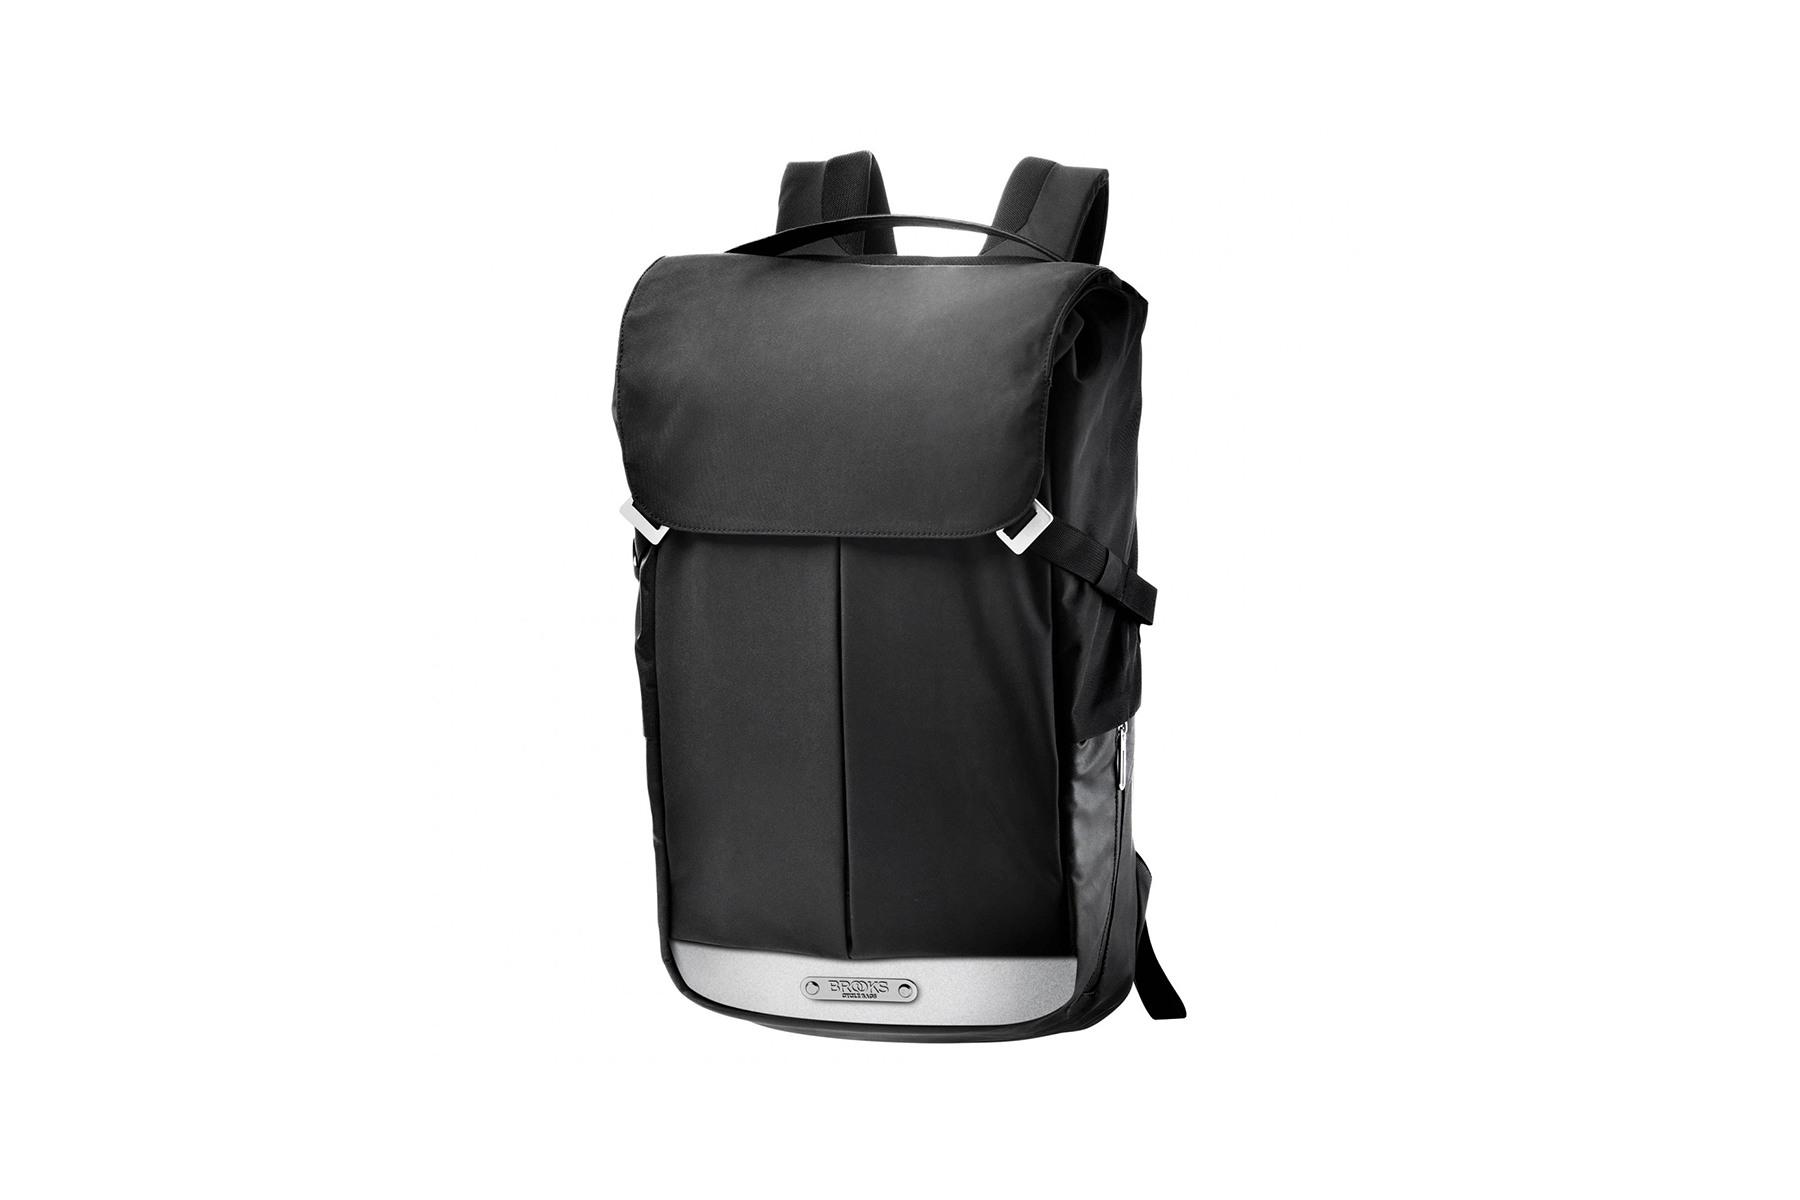 Image of Brooks Pitfield Backpack 28L - Urbaner Radrucksack - black